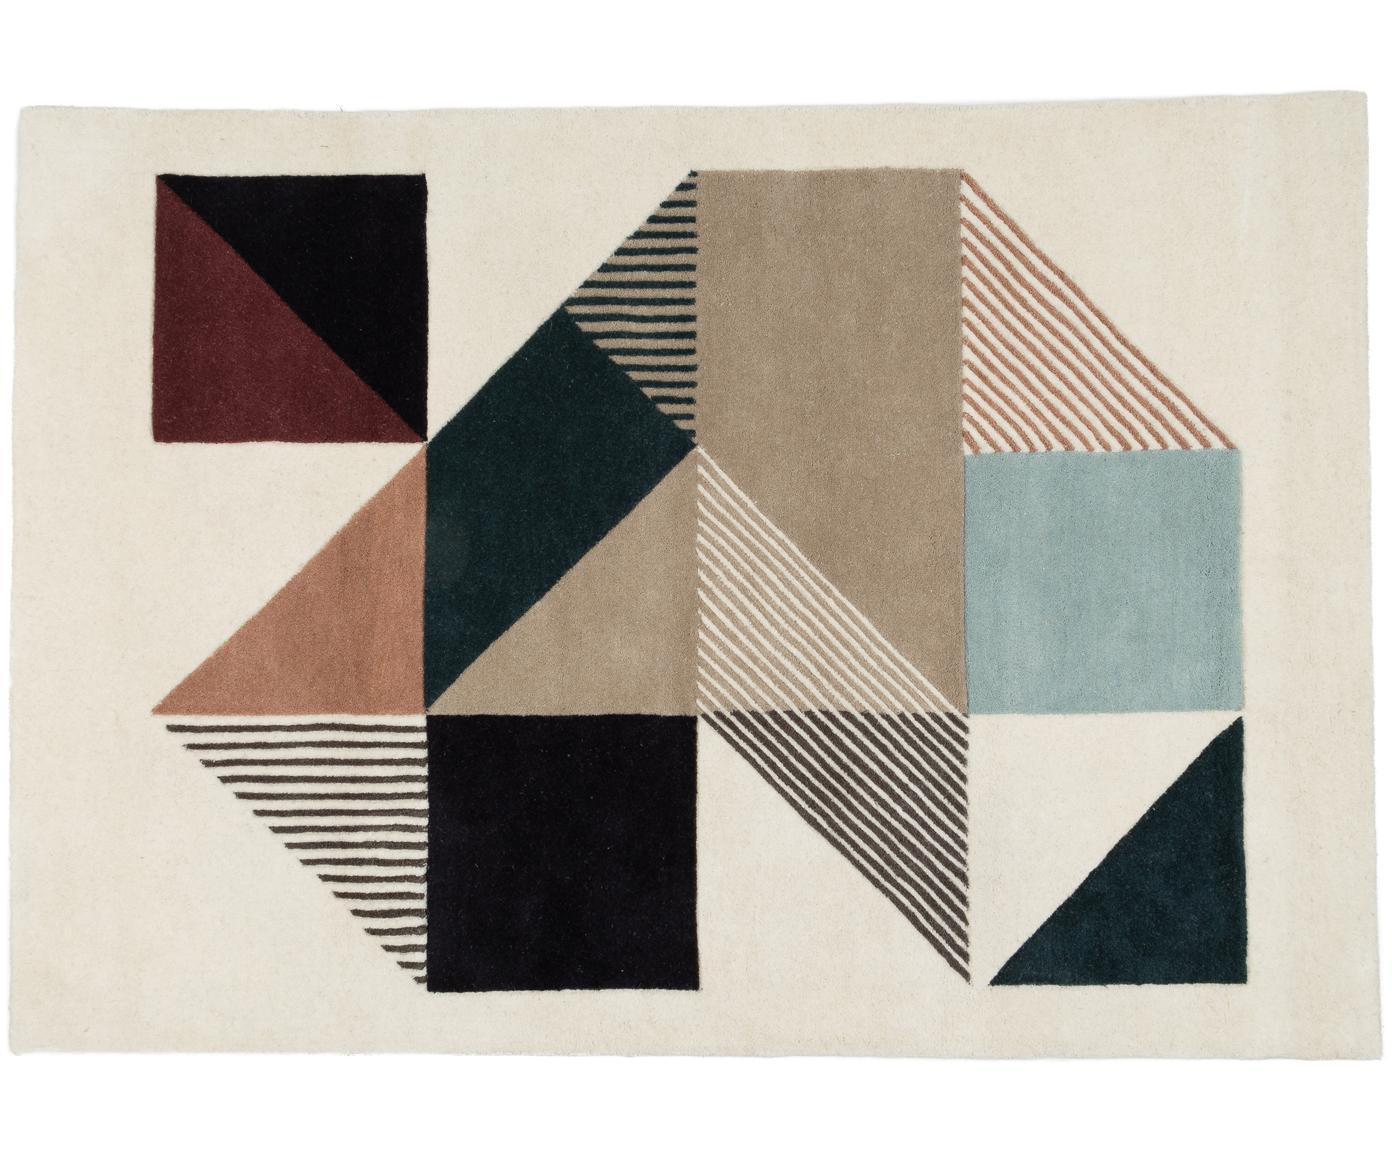 Tappeto in lana trapuntato a mano Mikill, Retro: cotone, Beige e tonalità blu, rosso, rosa, nero, Larg. 140 x Lung. 200 cm (taglia S)